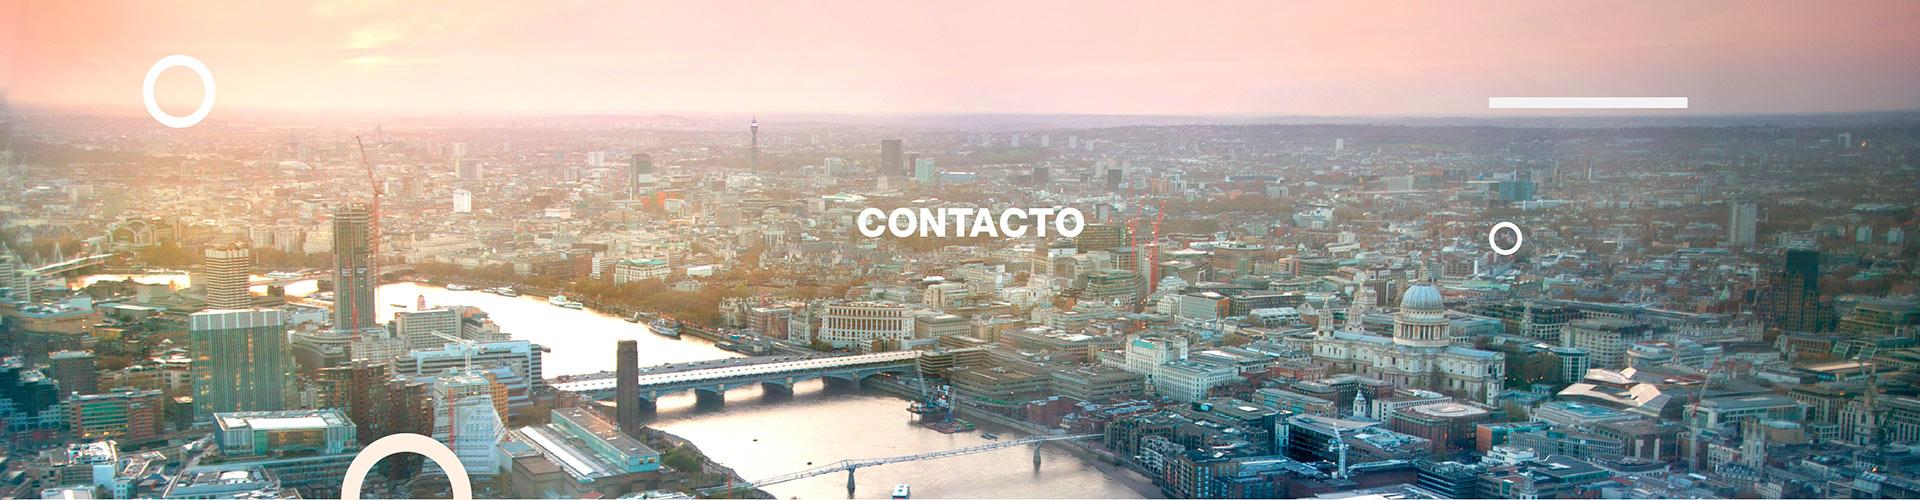 GEA-Contacto